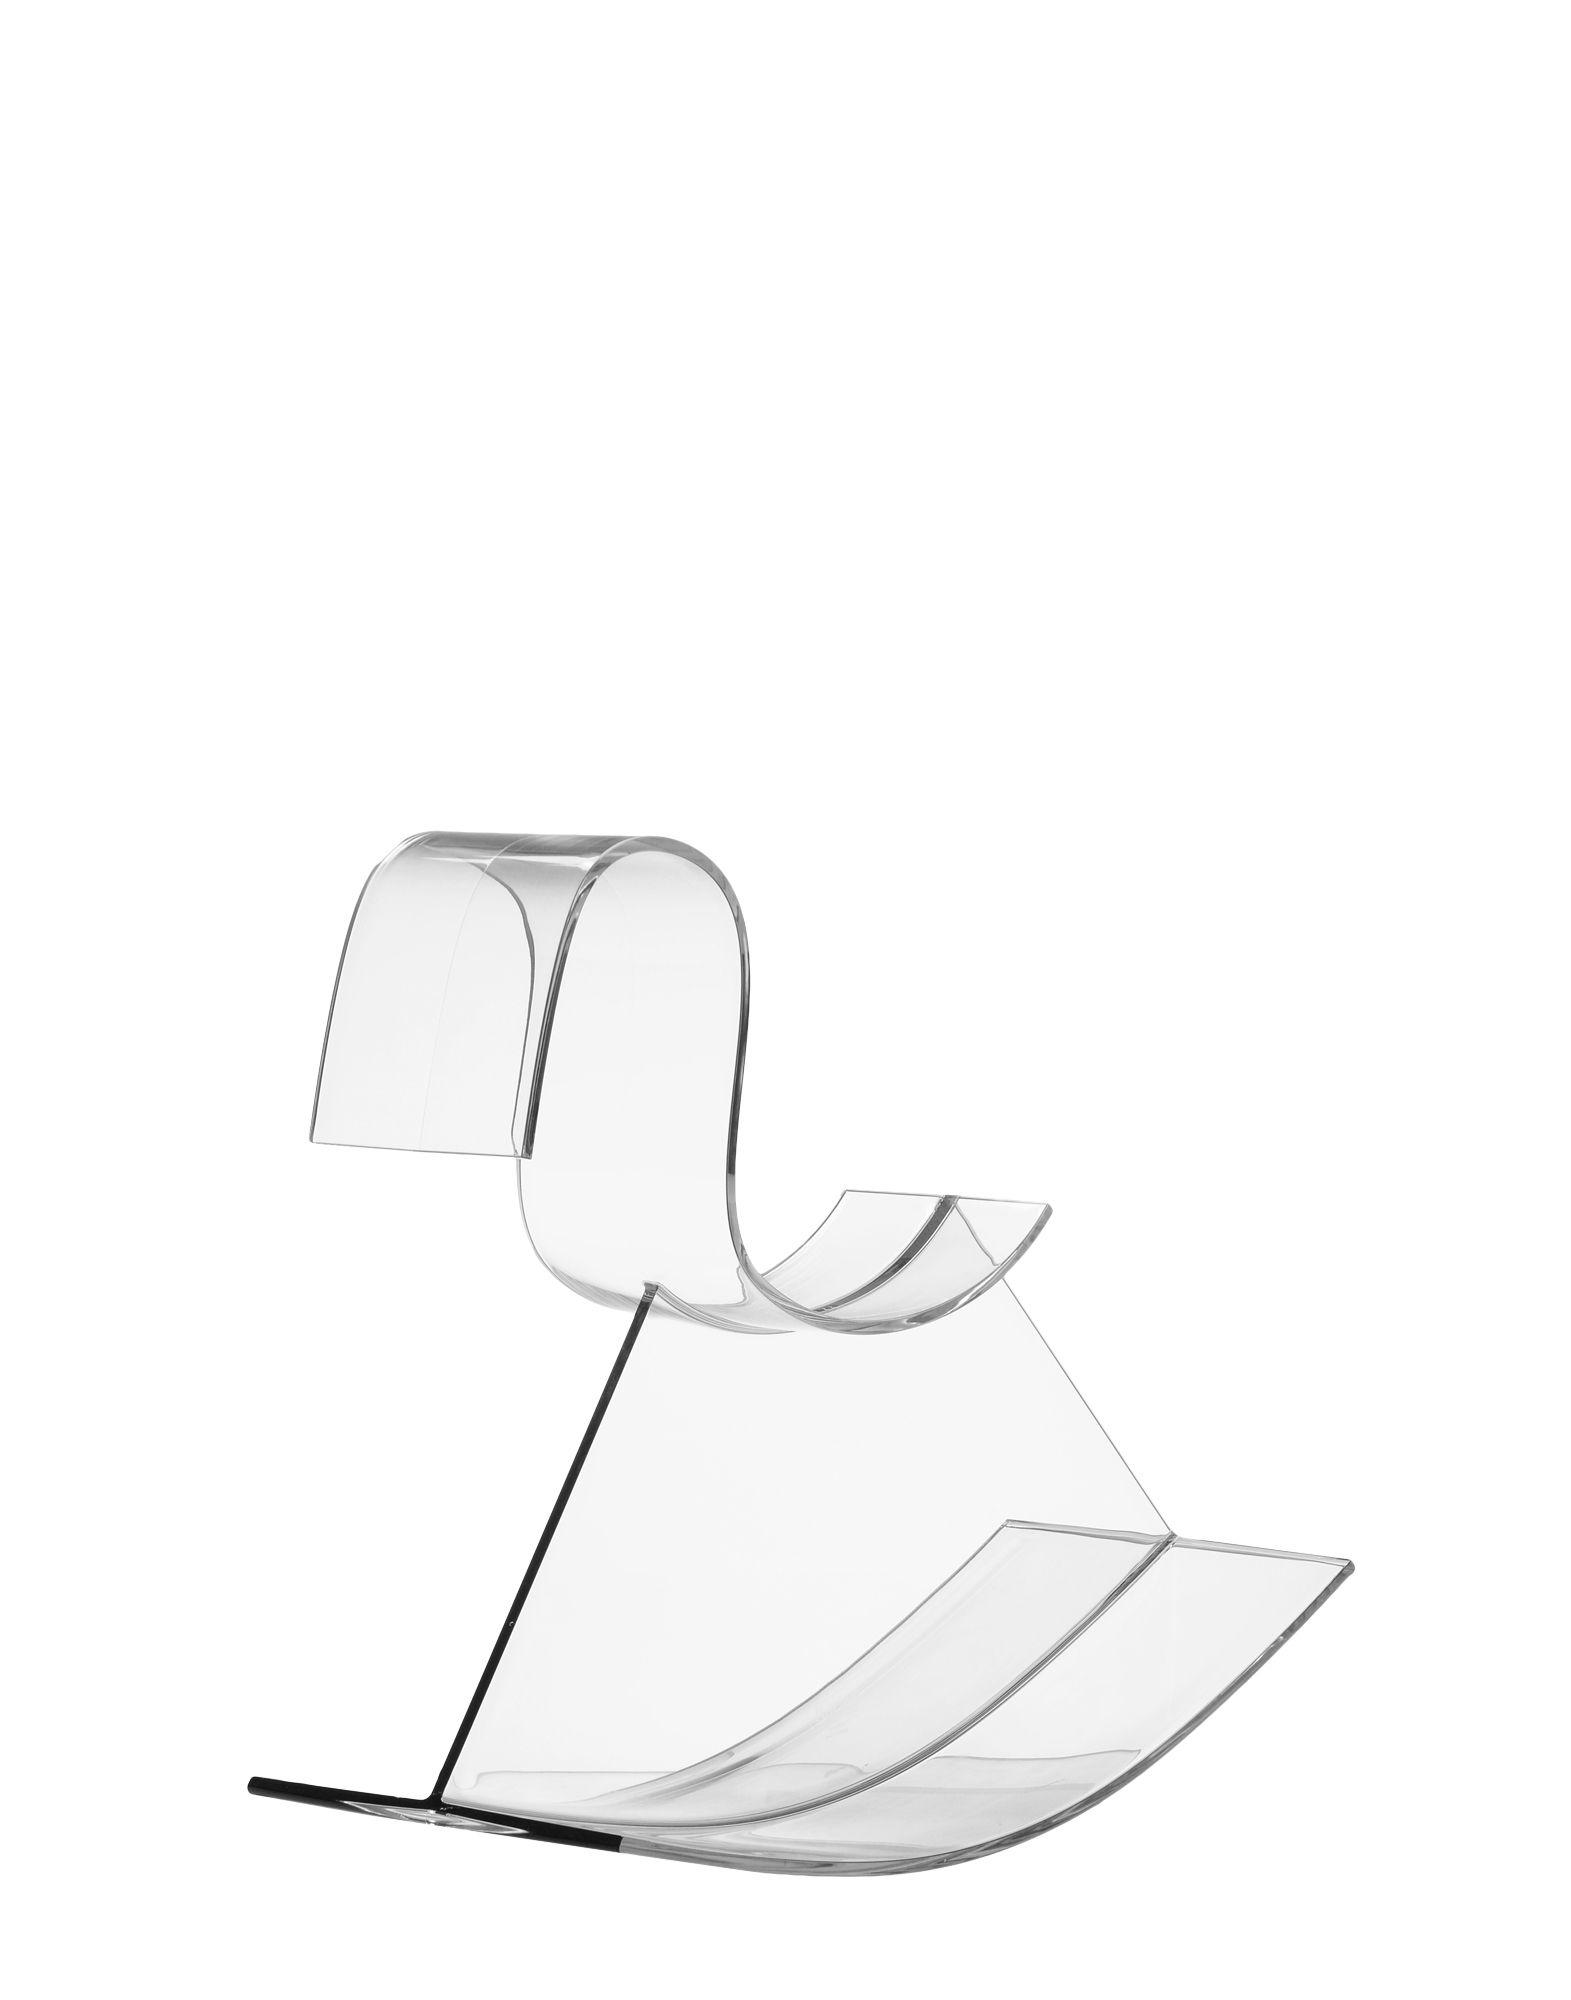 Cavallo A Dondolo Design.H Horse Cavallo A Dondolo Design Kartell Kids Pianeta Luce